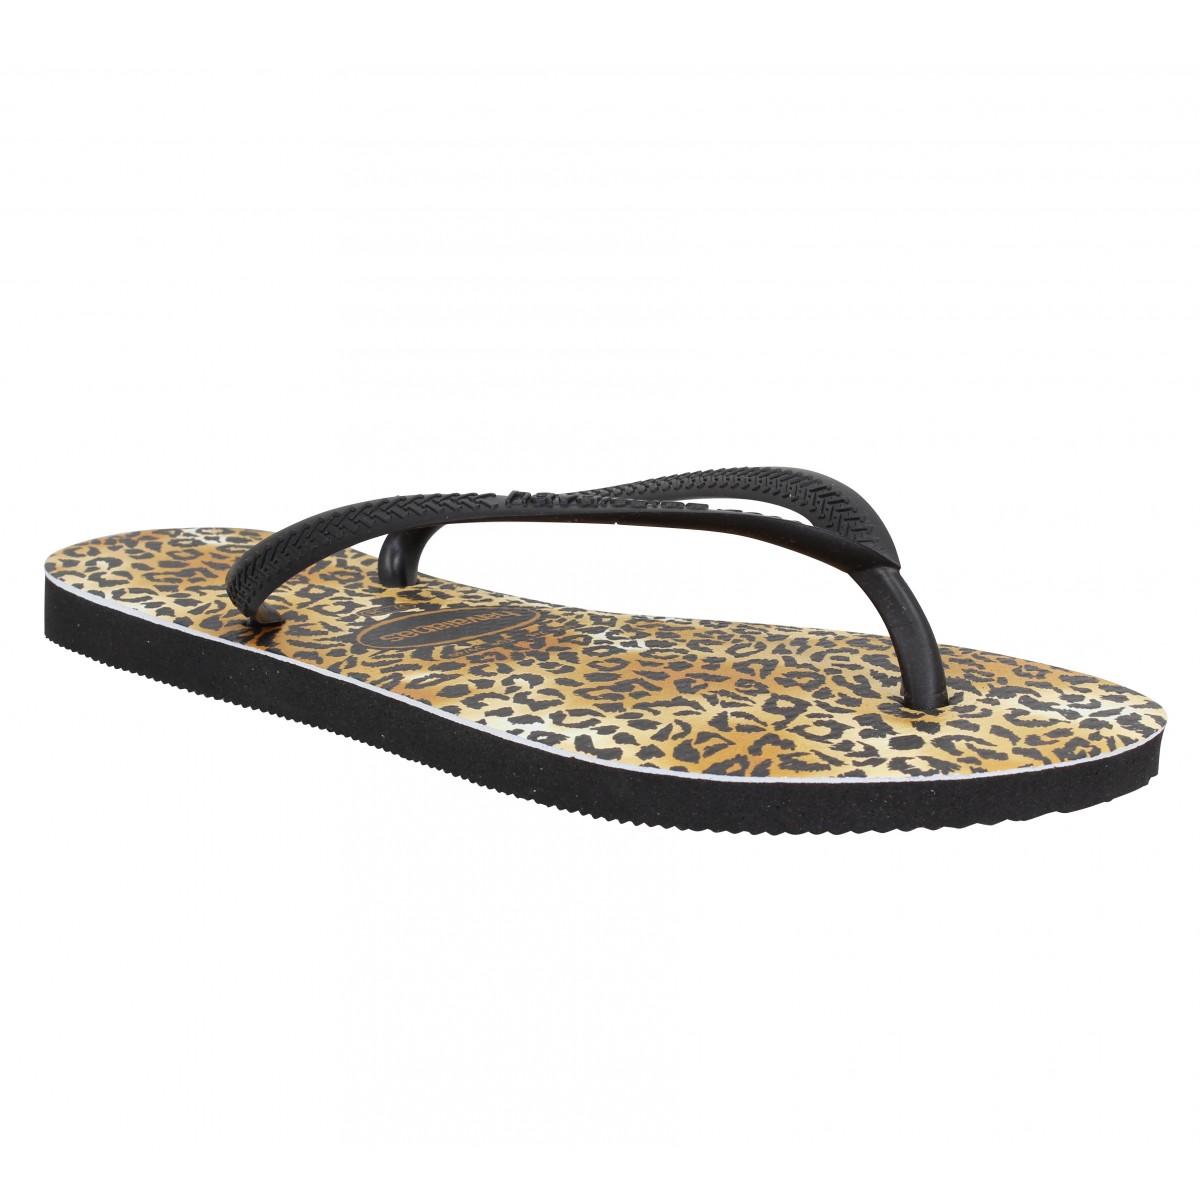 Havaianas Femme Slim Leopard Caoutchouc...